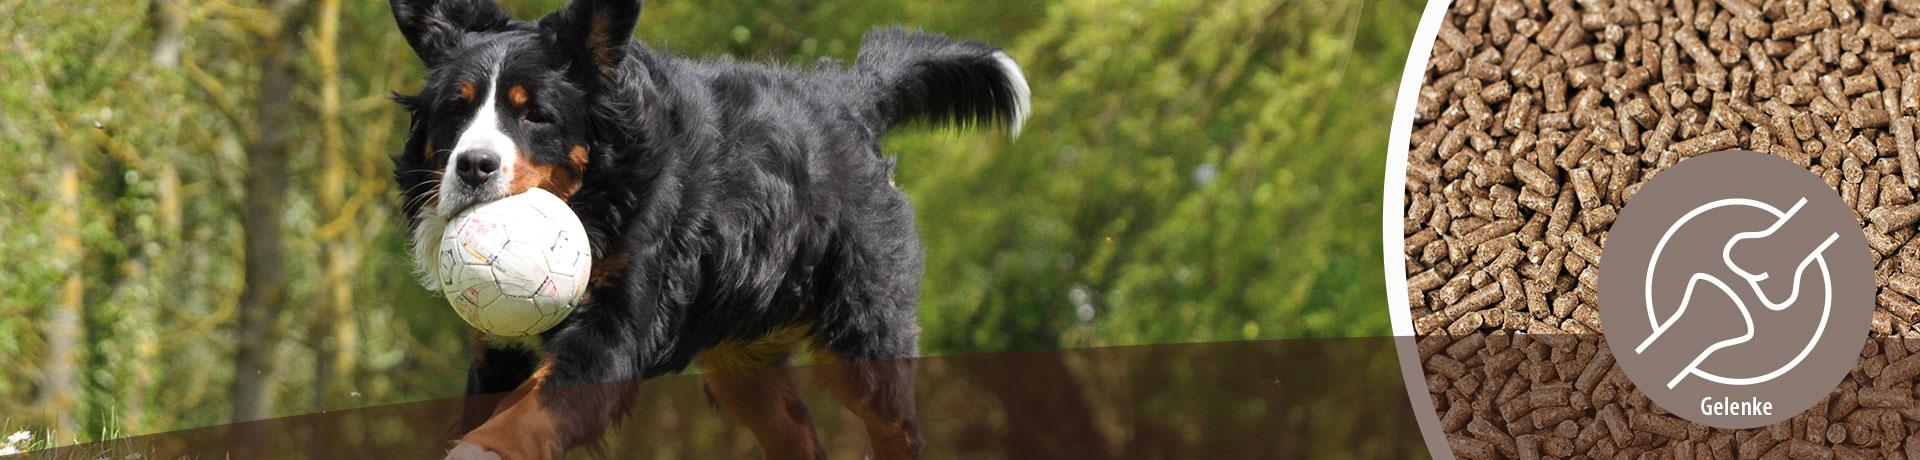 Hund - Unterkategorie - Gelenke